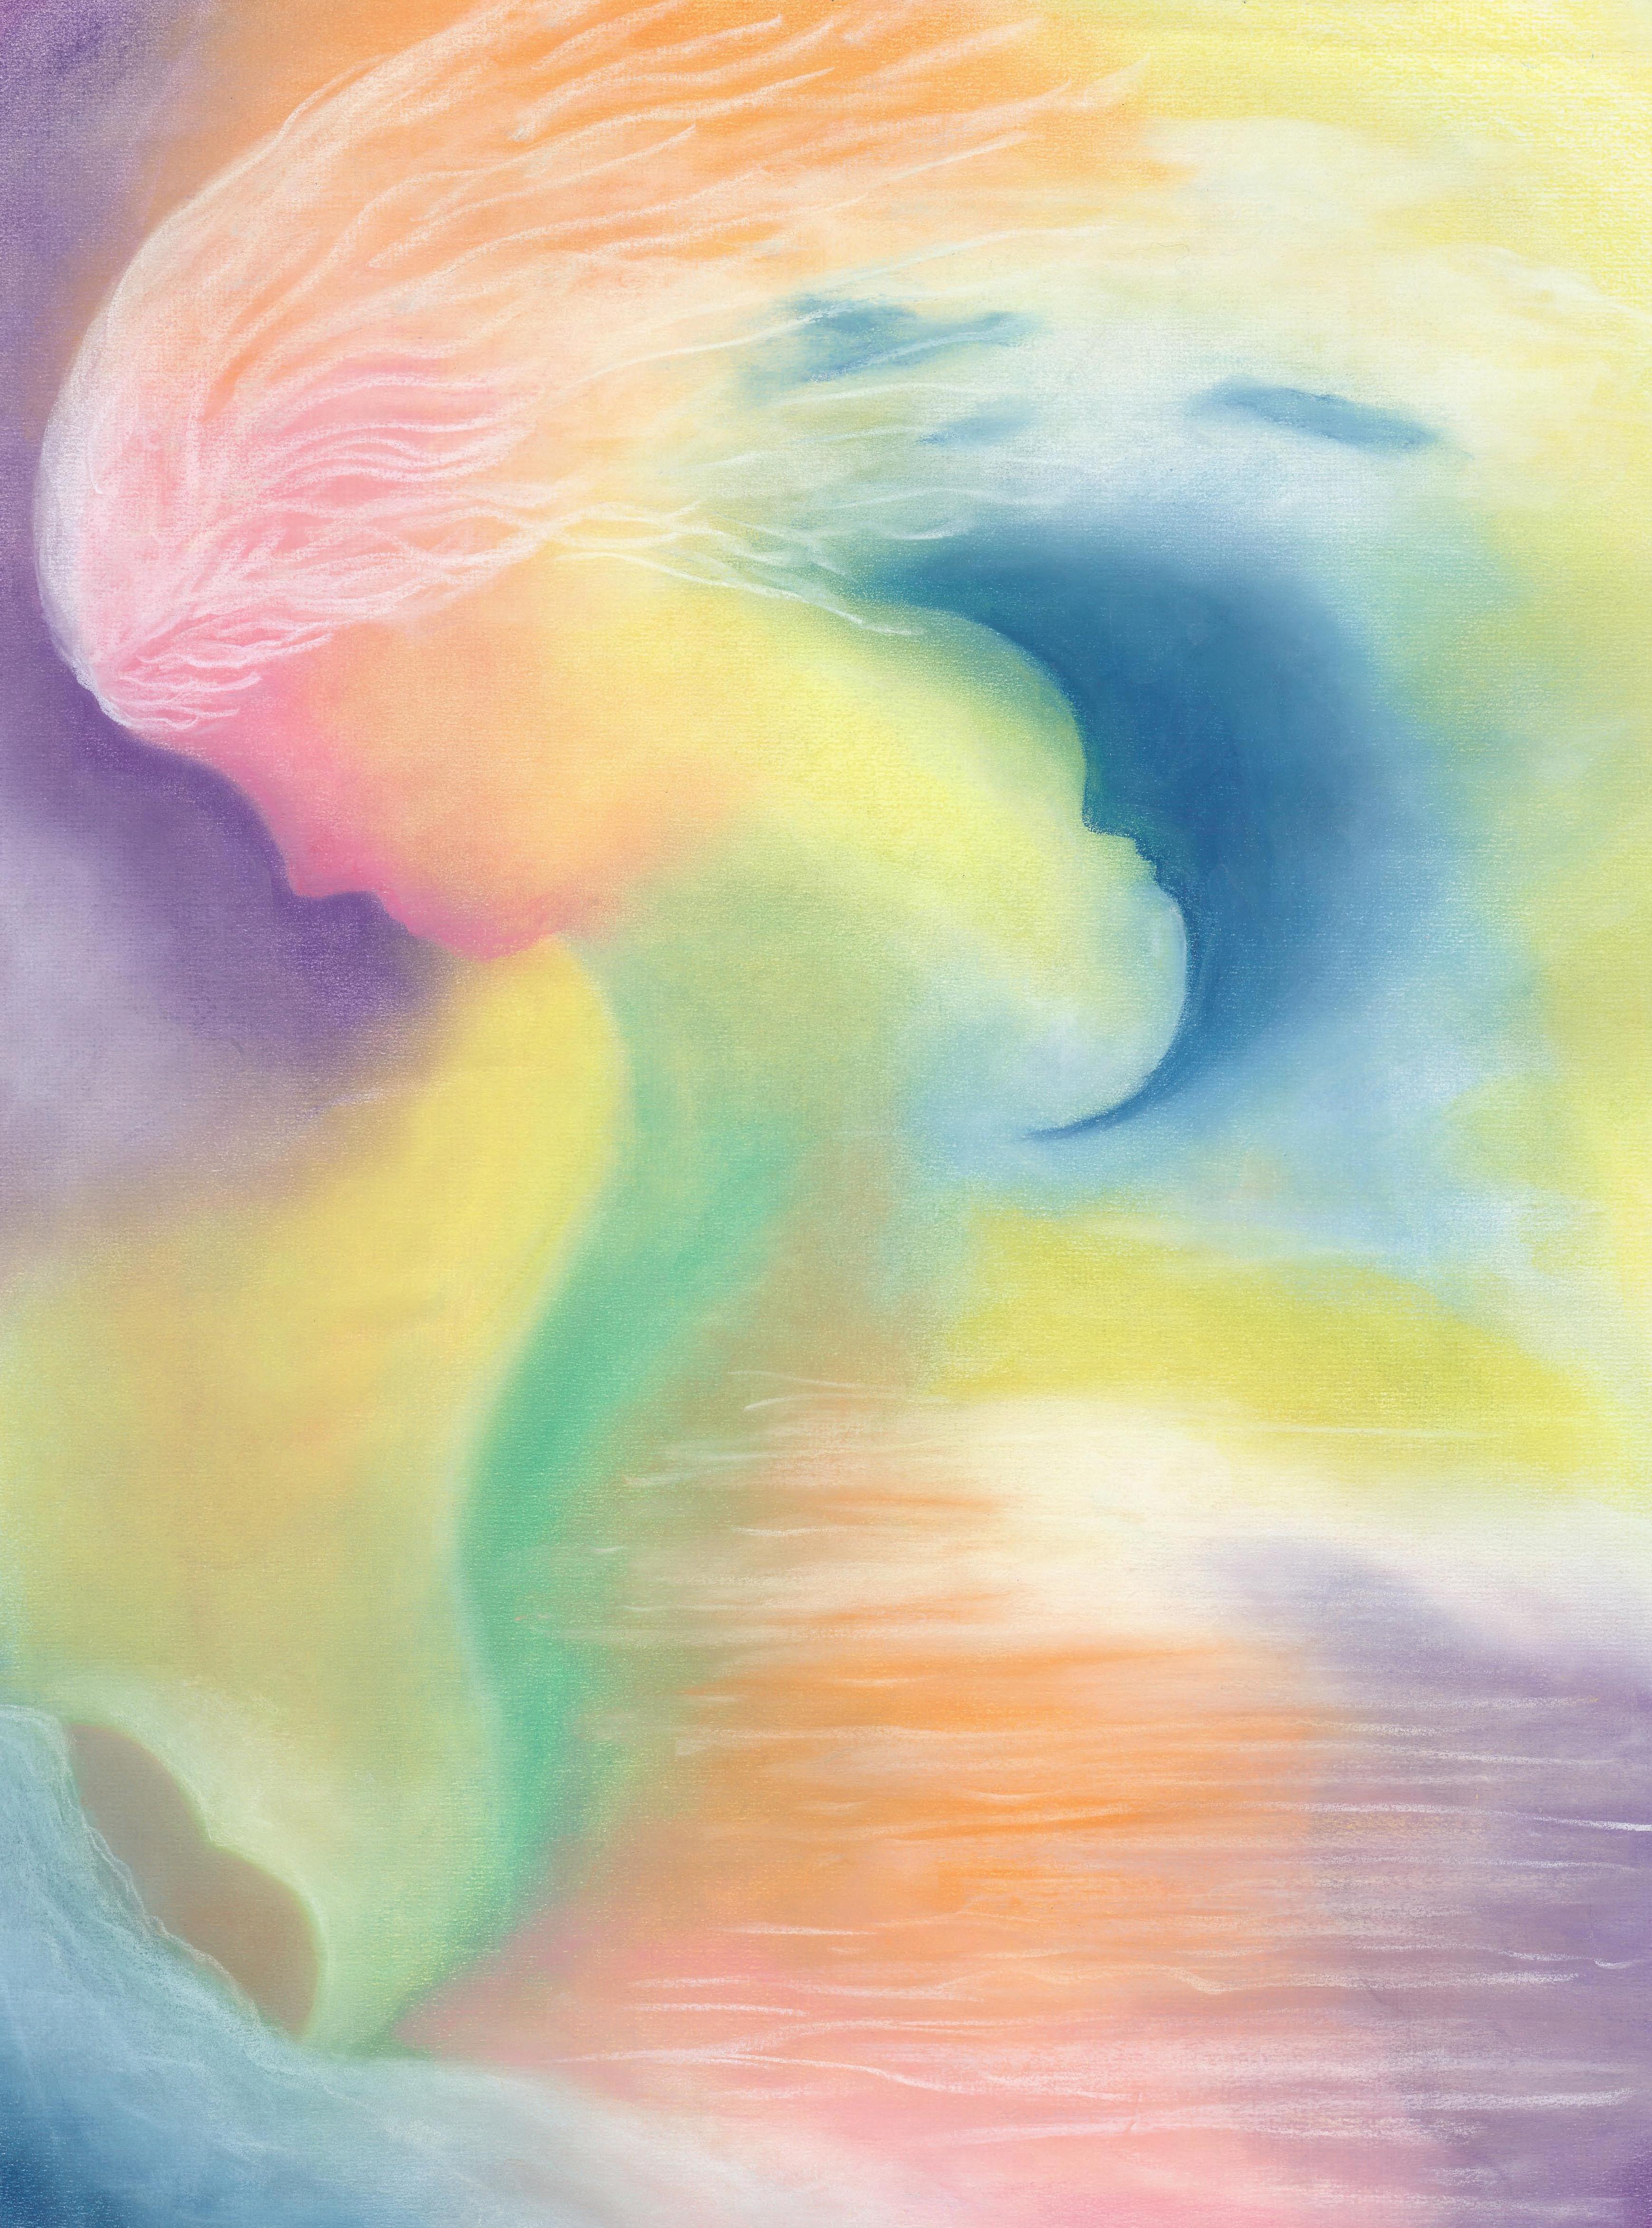 New Life - Pastel 18 X 24 - $350